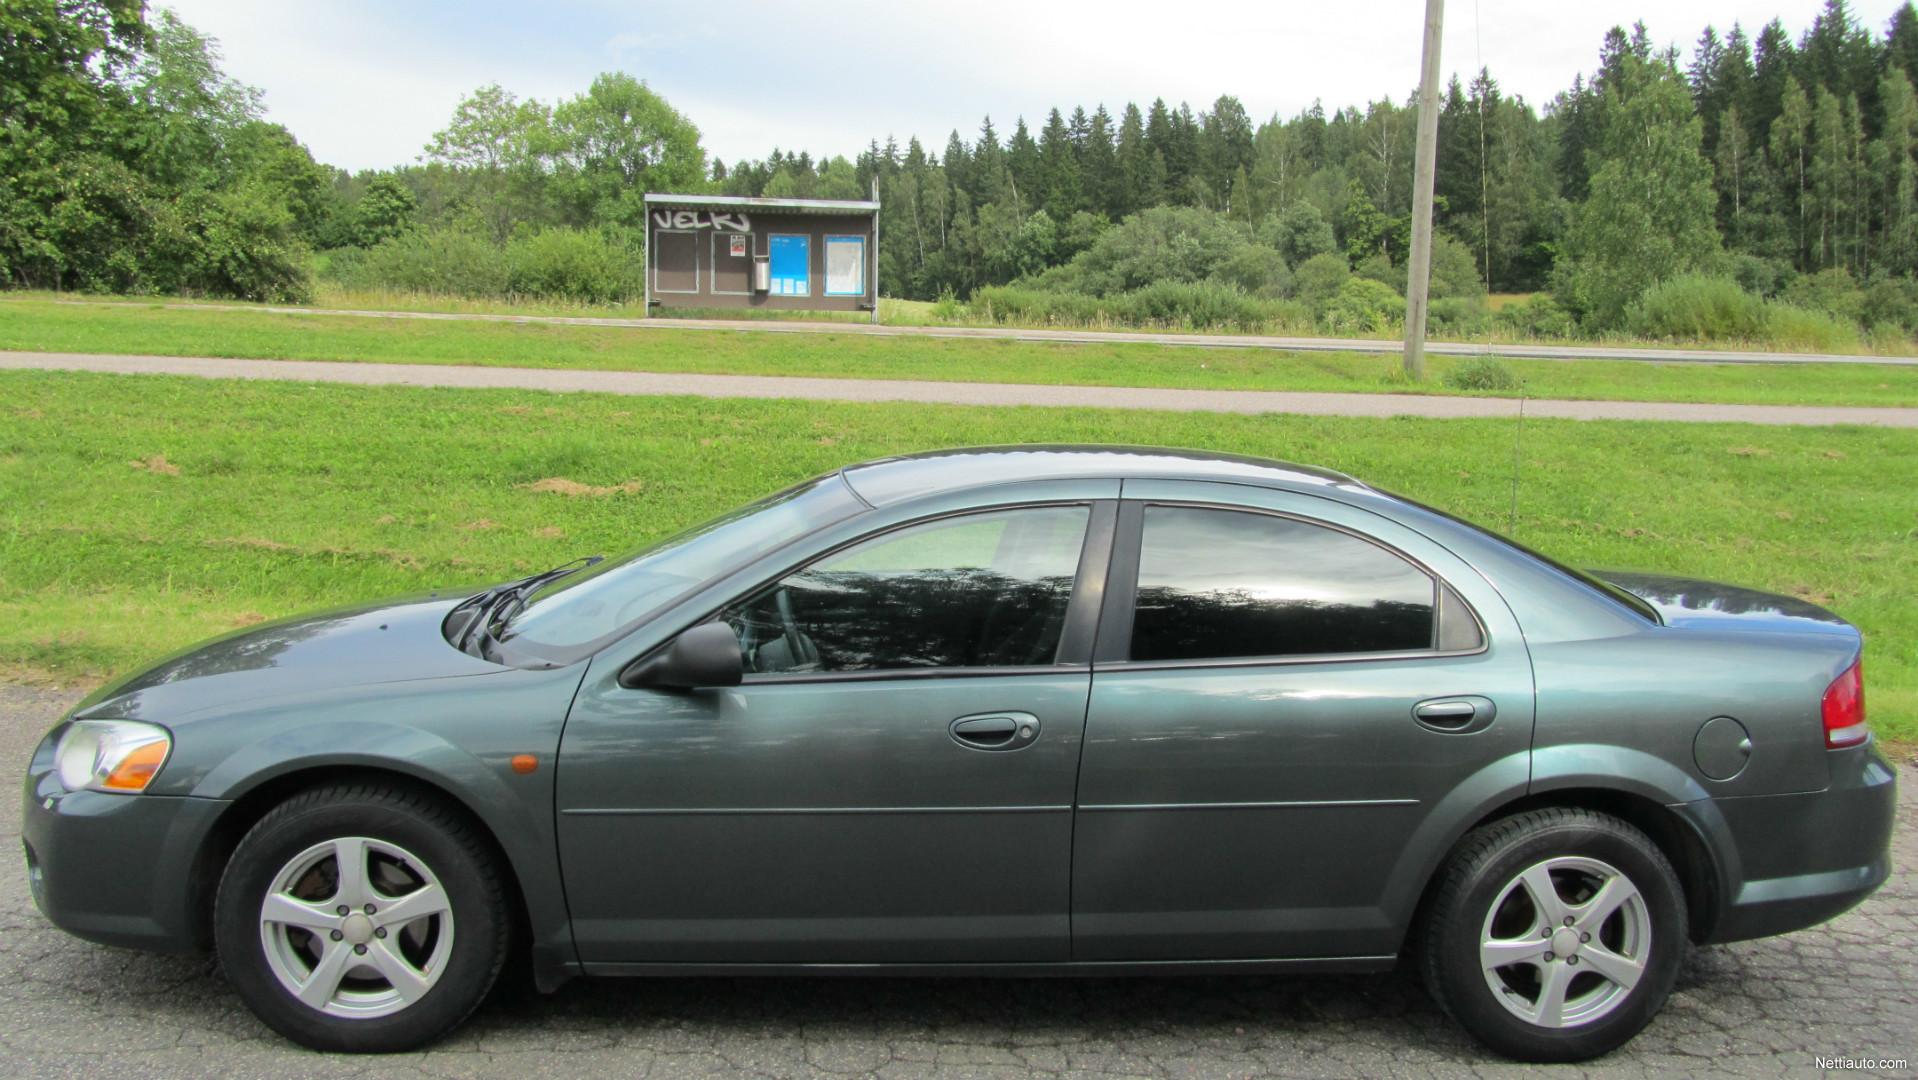 Chrysler Sebring 2 0 A4 Le 4d Autostick Business Juuri